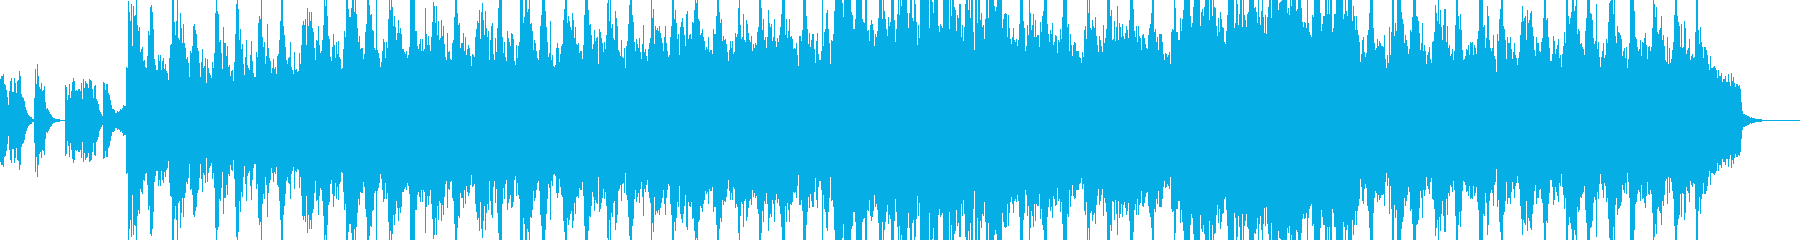 宇宙の未来の再生済みの波形